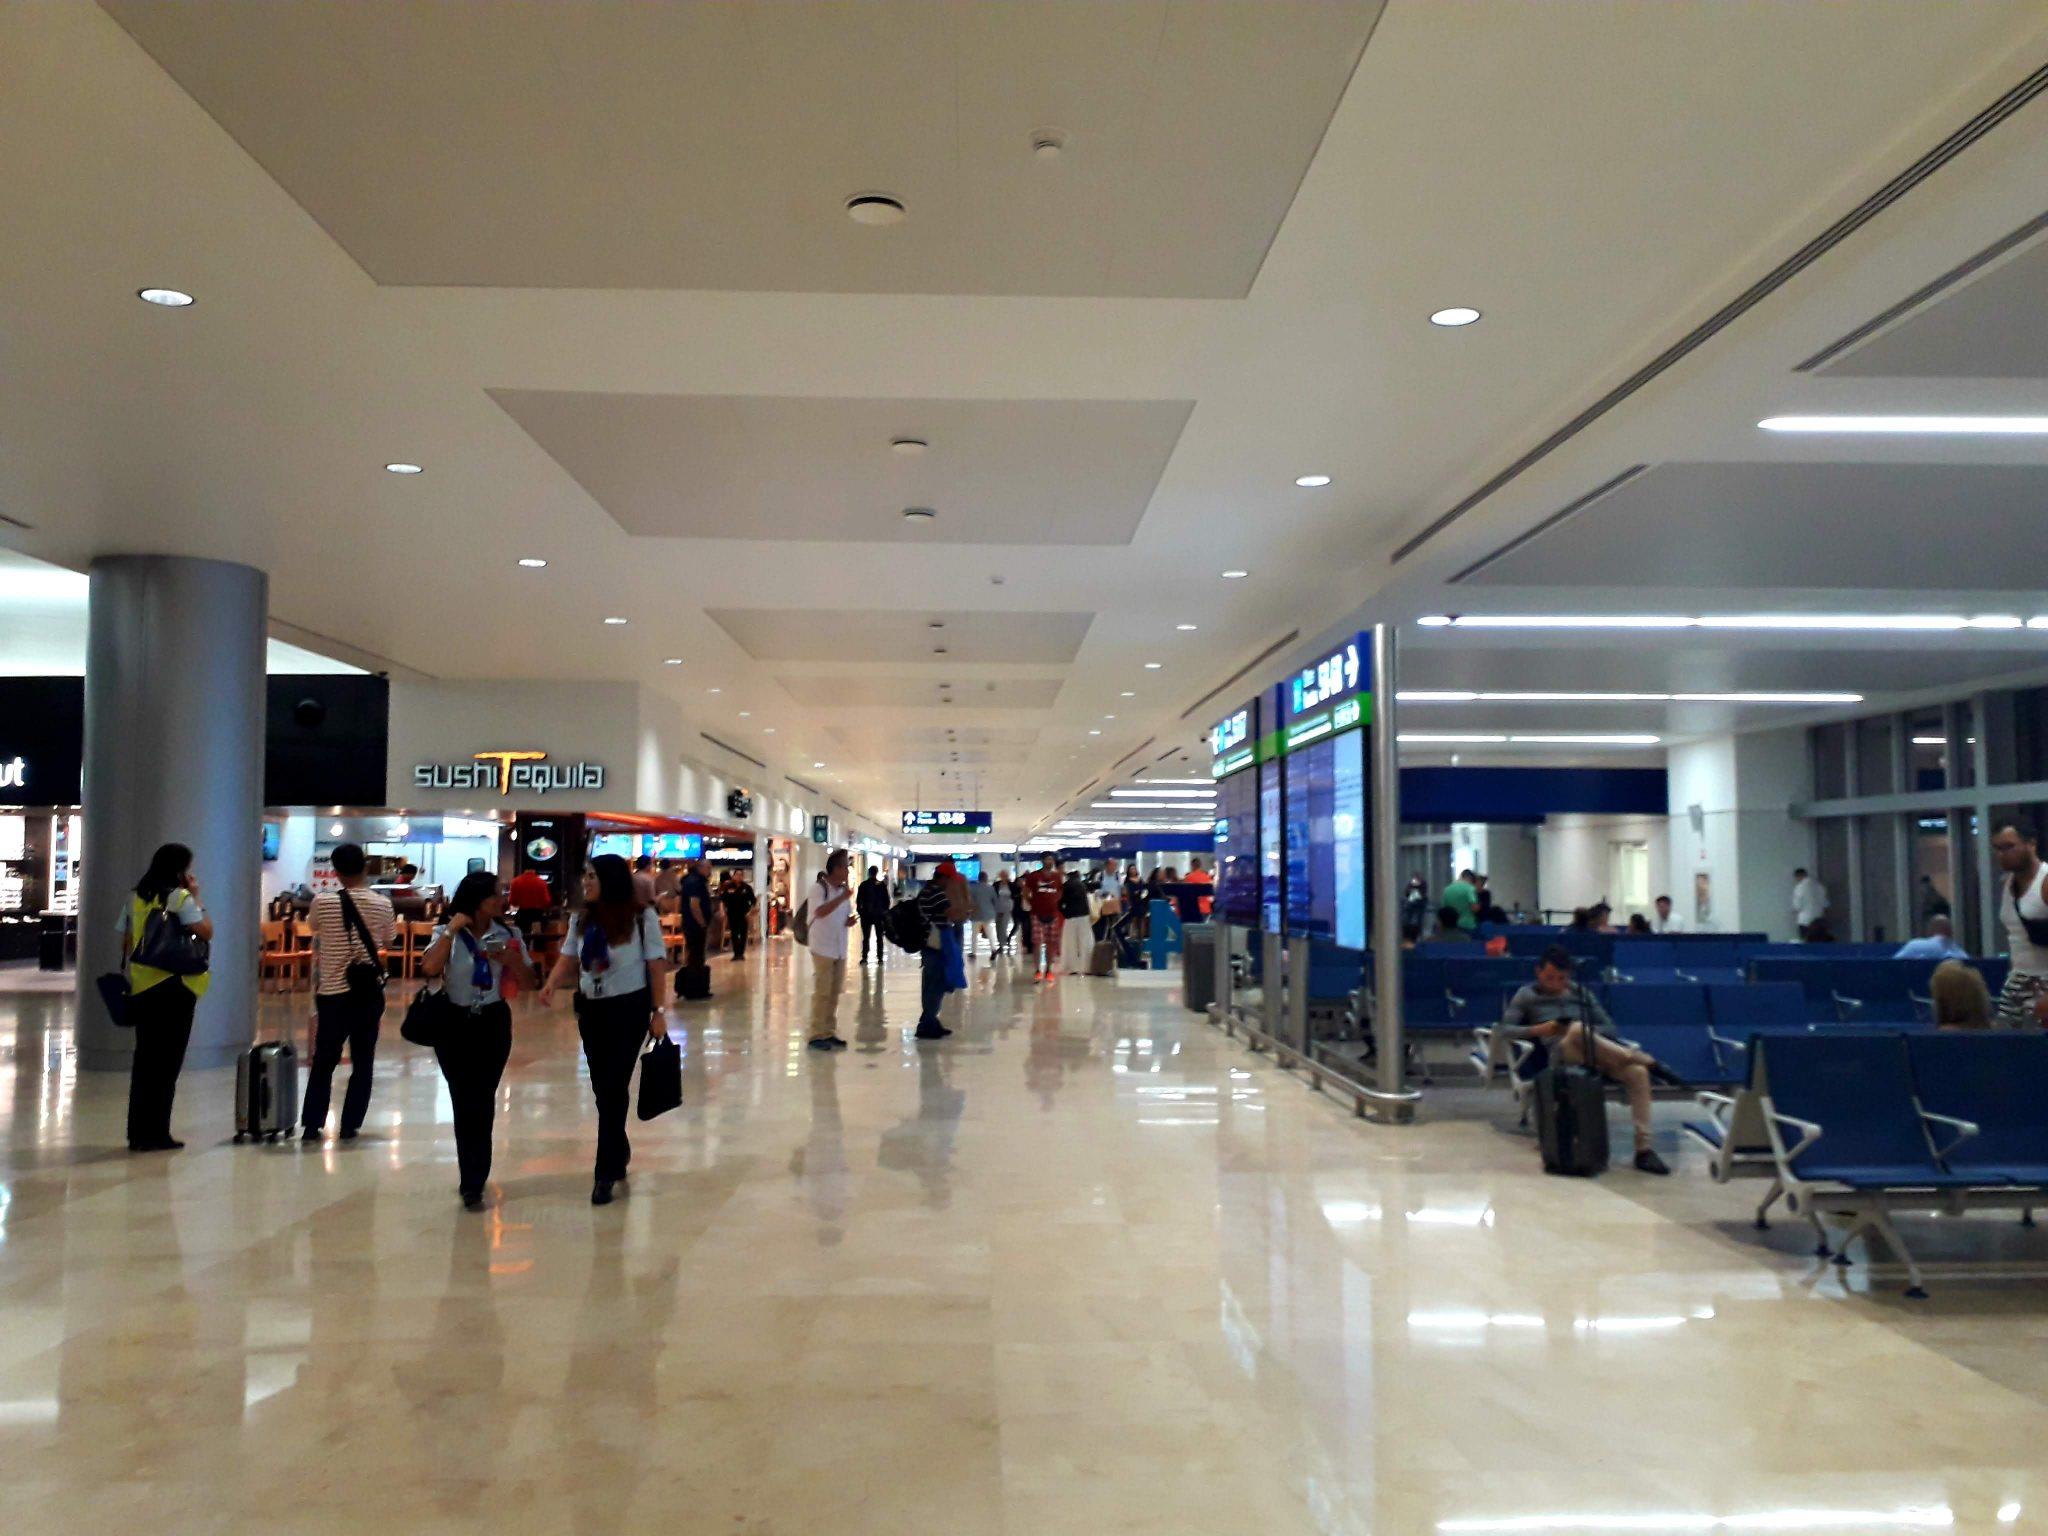 El Reino Unido es el principal emisor de turistas de Europa a México